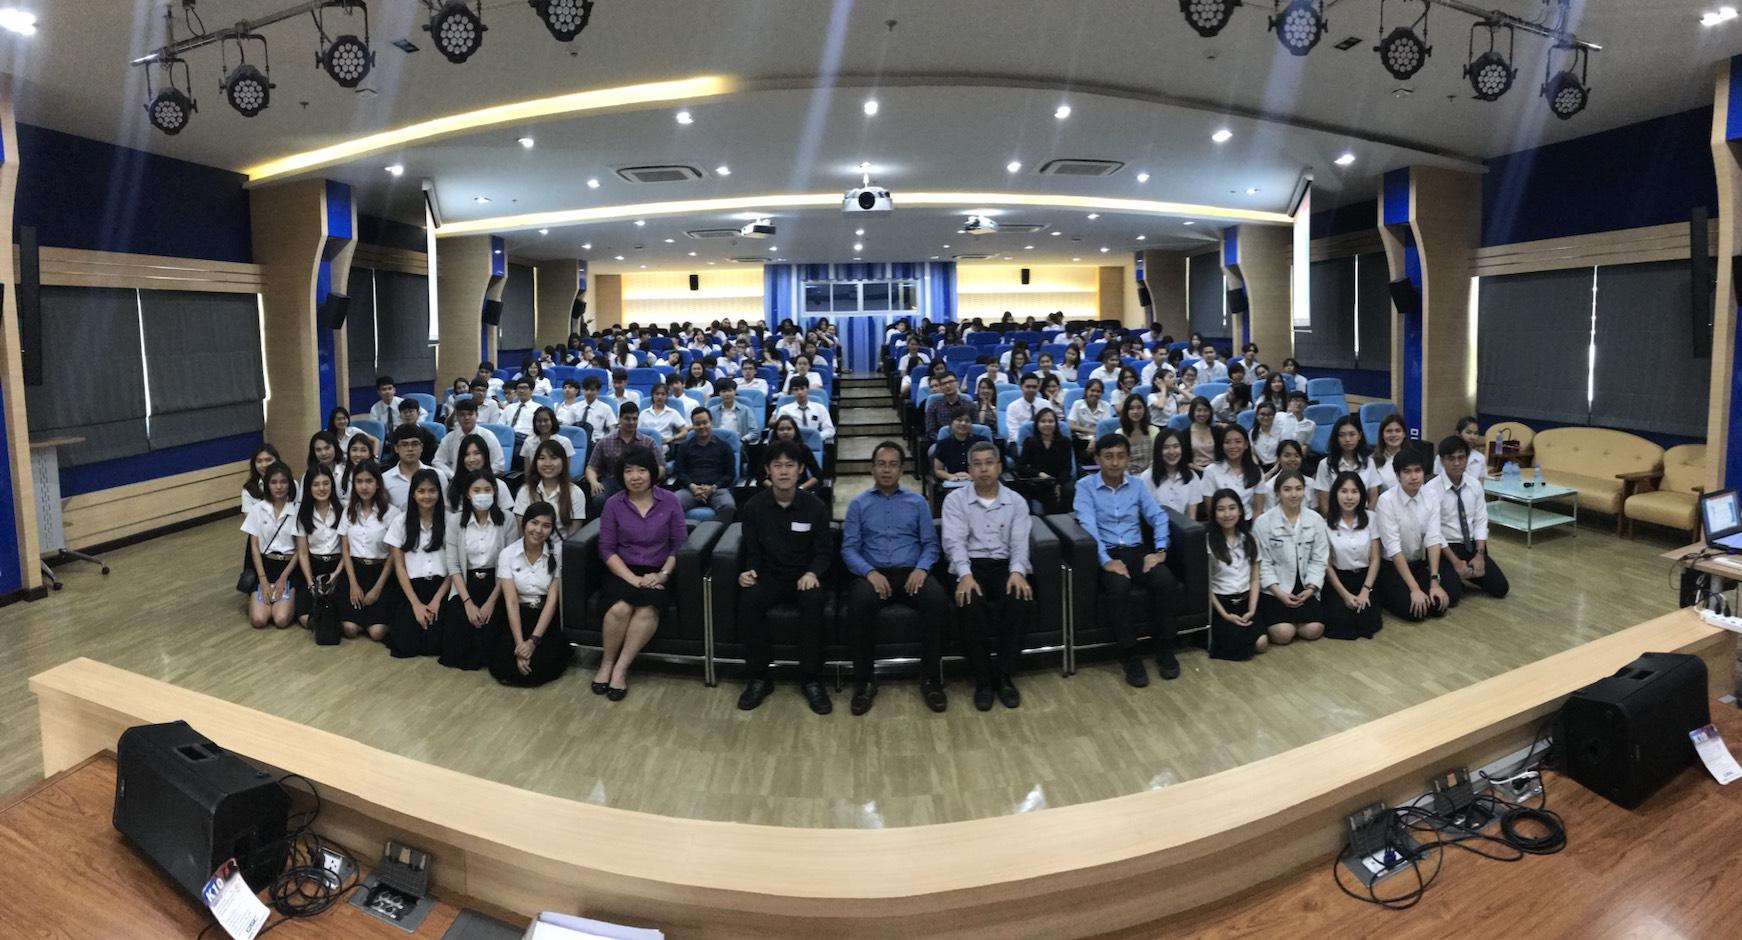 โครงการสัมมนาวิชาการในรายวิชาสหกิจศึกษา ภาคเรียนที่ 2 ปีการศึกษา 2560